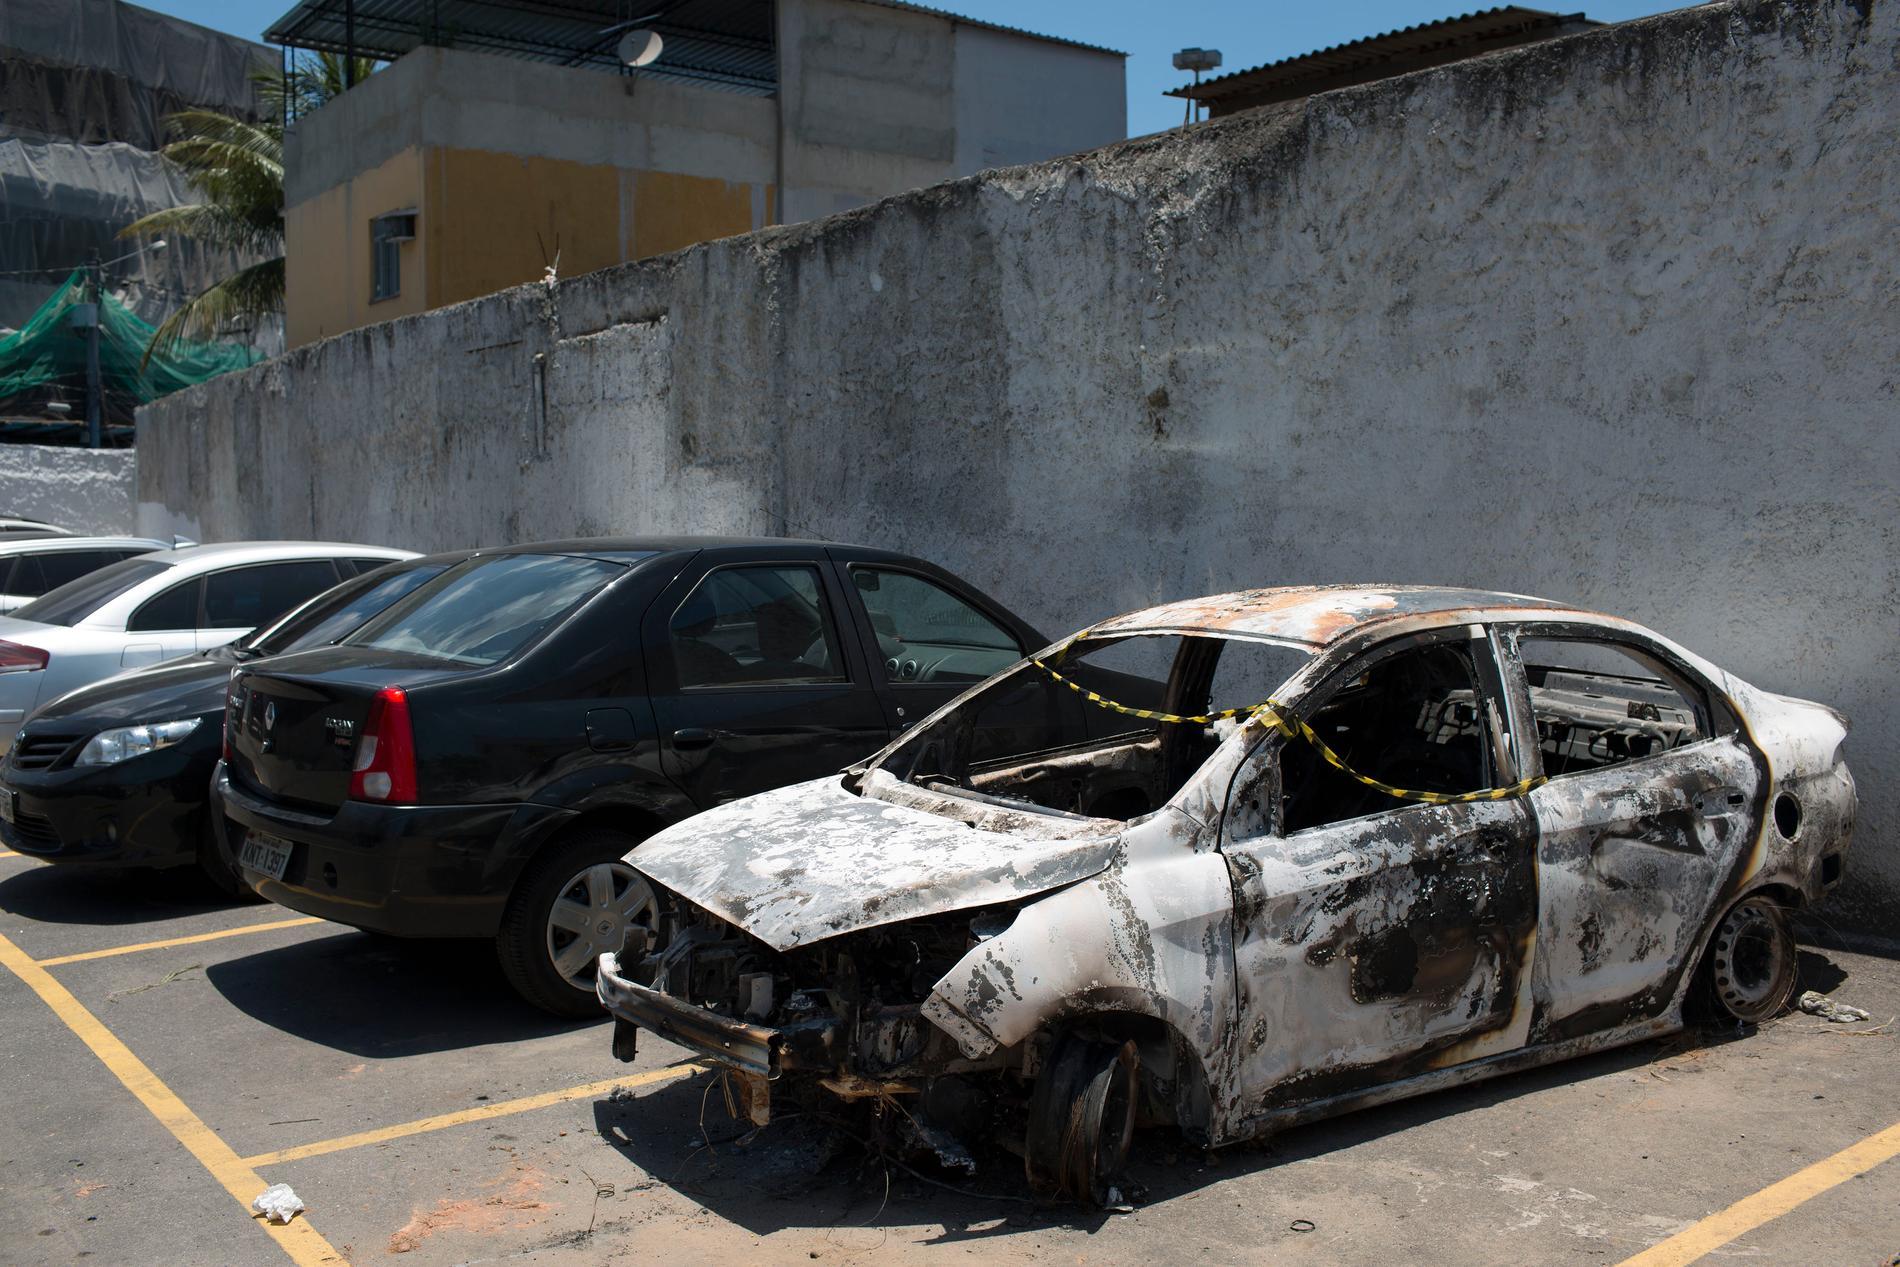 Greklands ambassadör i Brasilien hittades mördad i en utbränd bil i december 2016. Arkivbild.